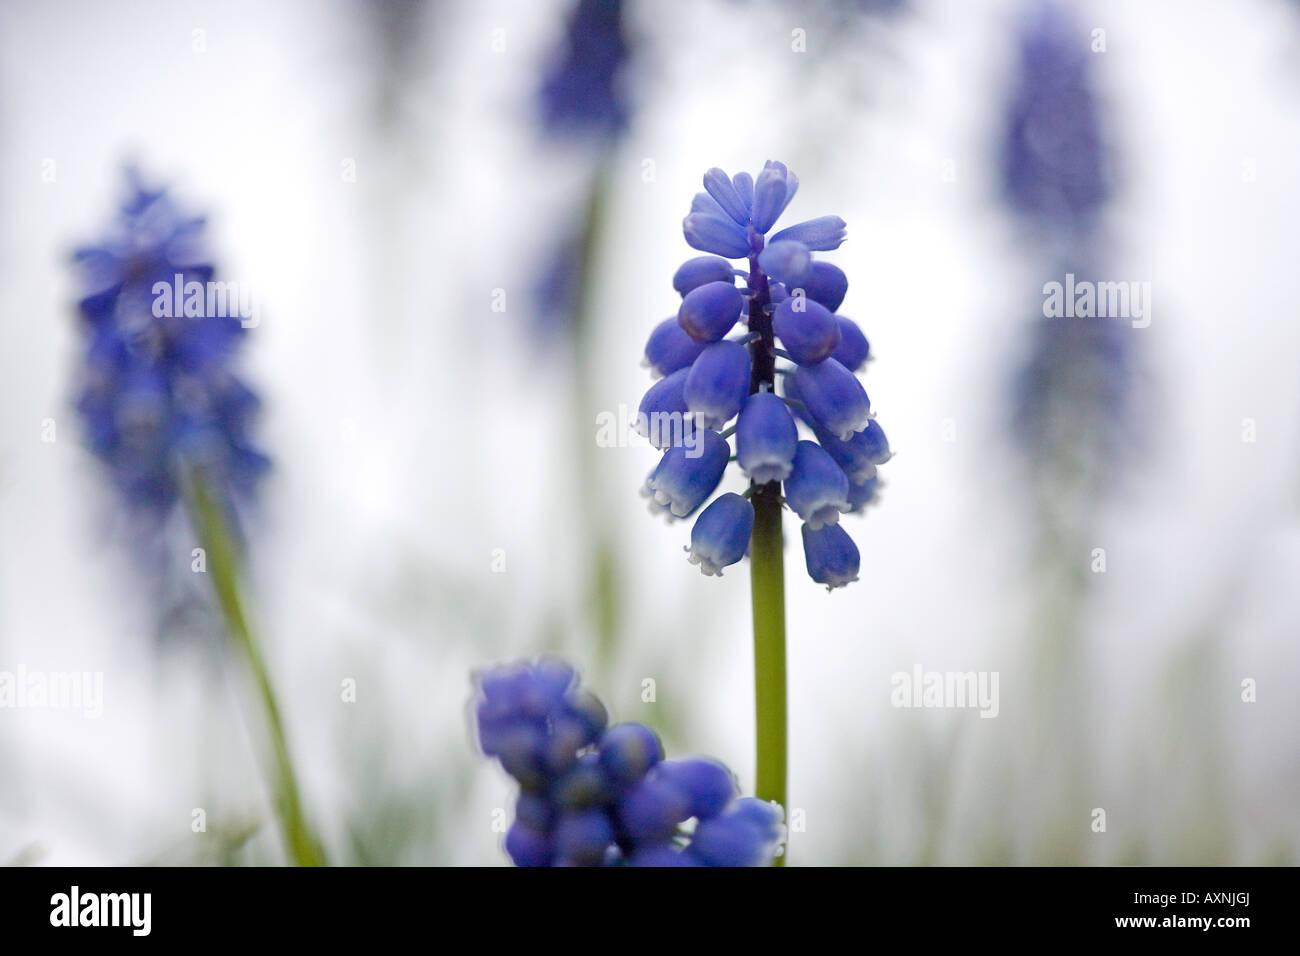 Grape hyacinth Muscari armeniacum, poussant dans la neige Photo Stock